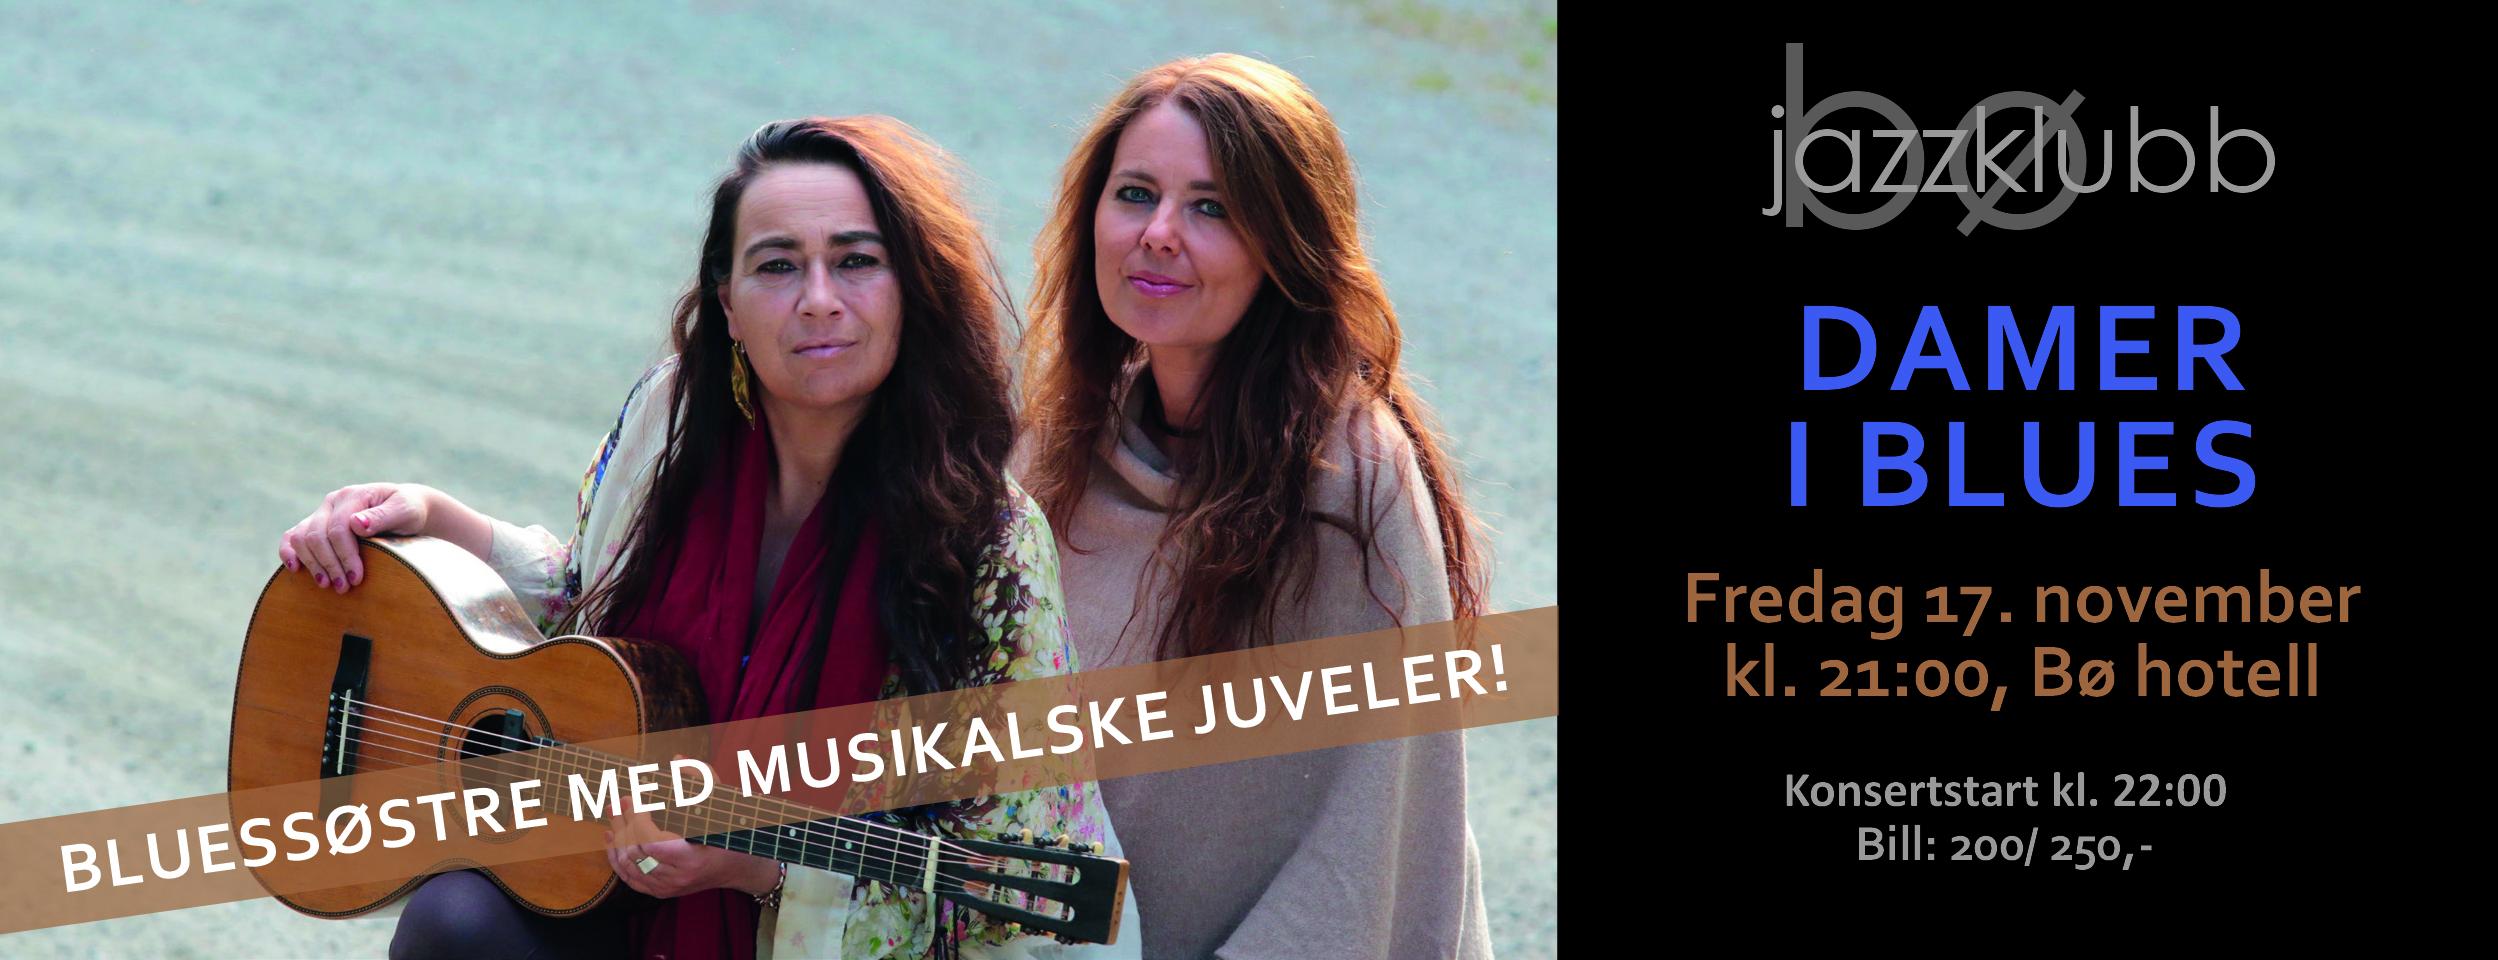 """Rita Engedalen og Margit Bakken er """"Damer i Blues""""!, © Rita Engedalen og Margit Bakken"""